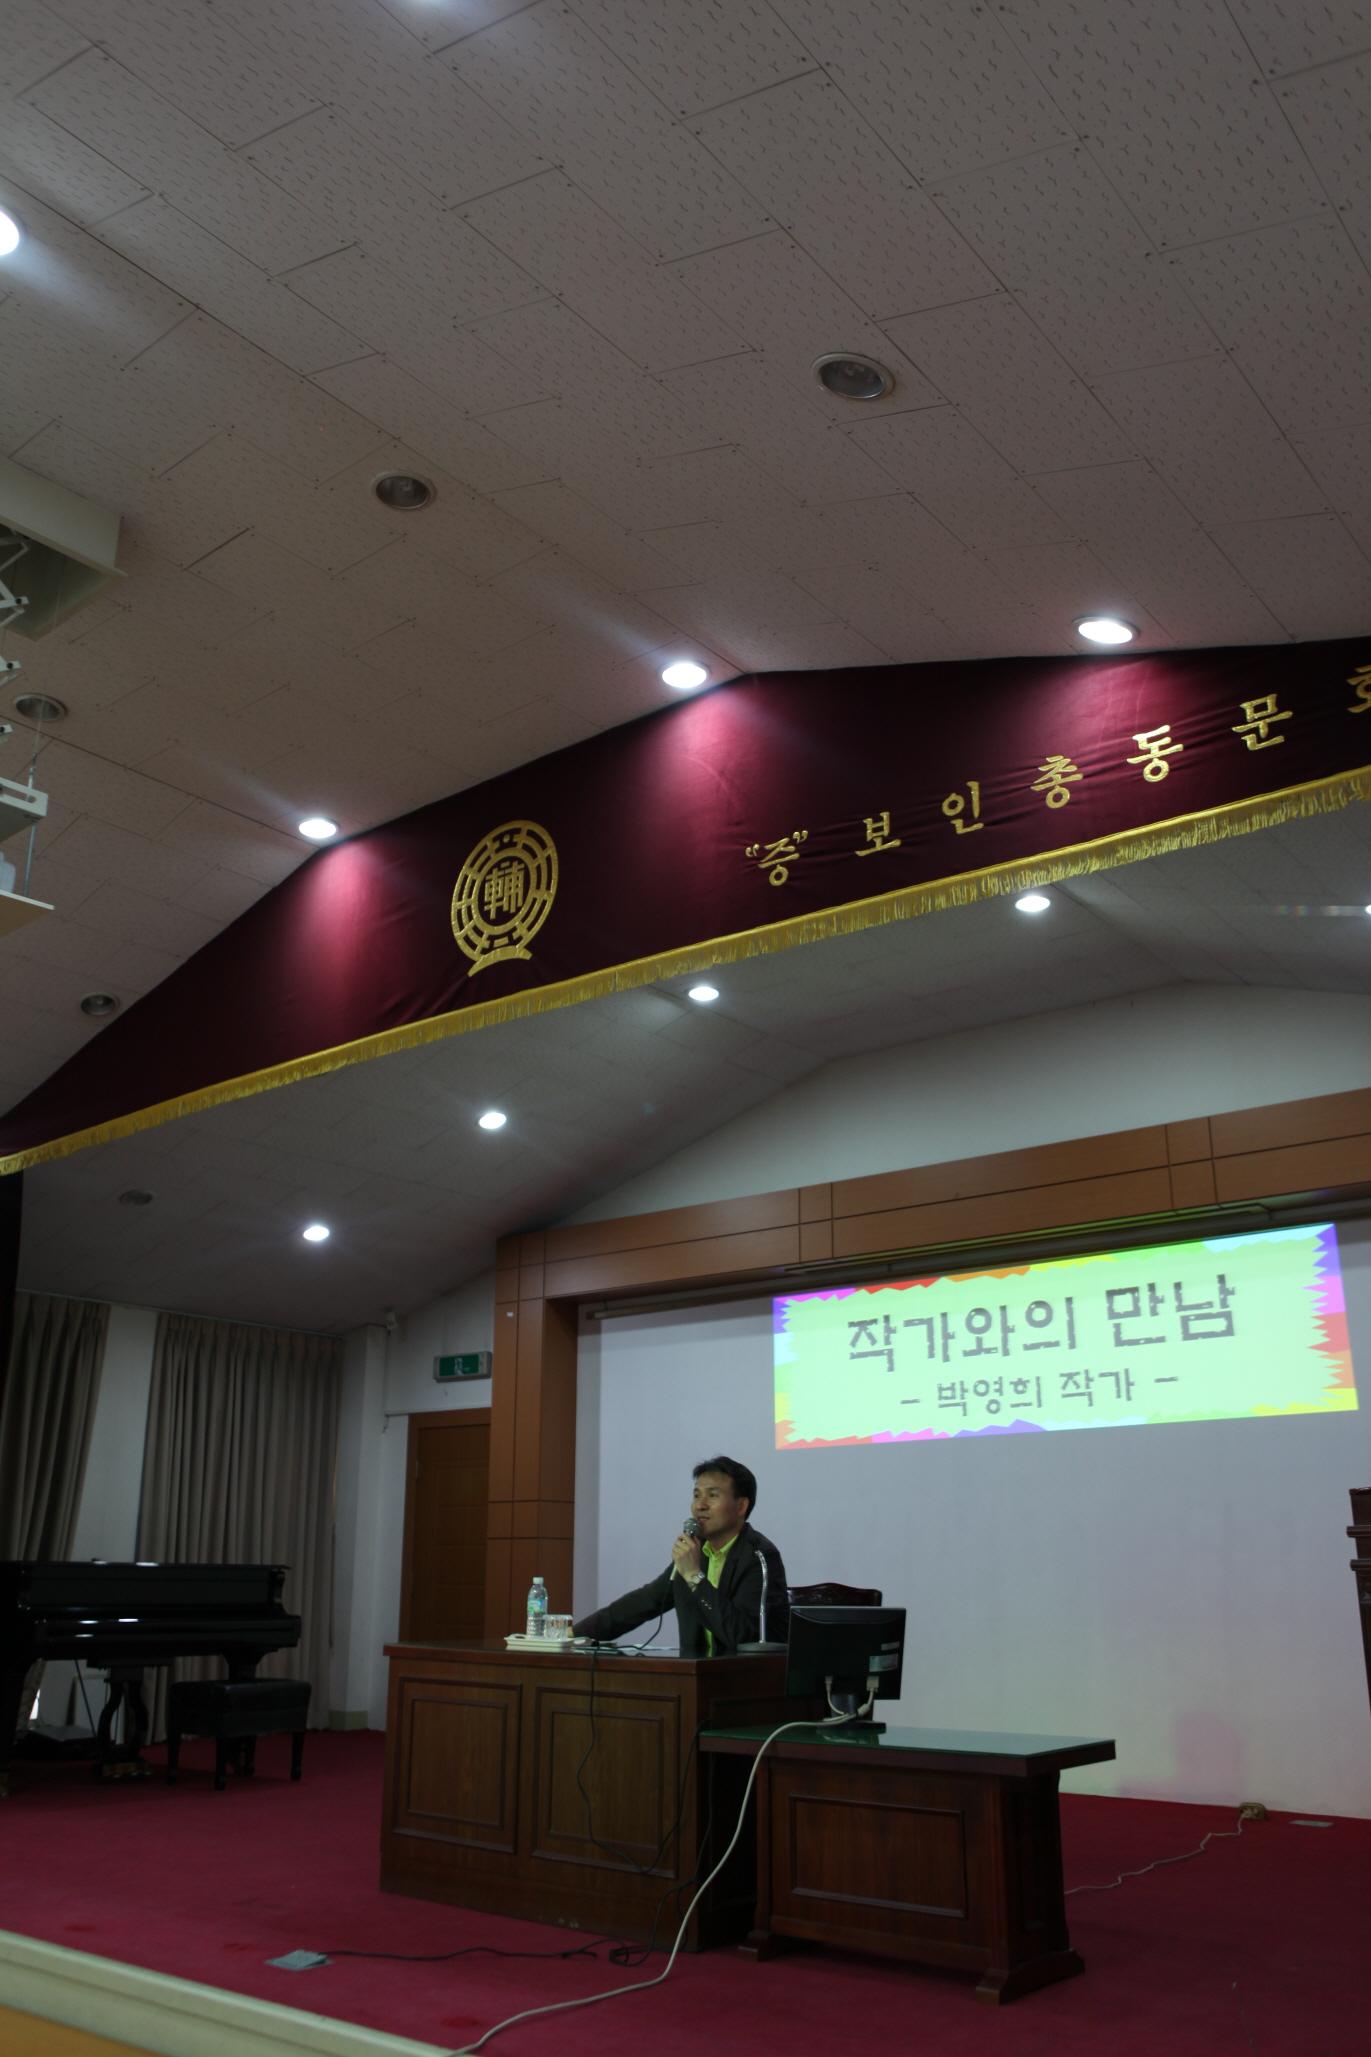 박영희 작가와의 만남(2009.8.28) - (1) 첨부이미지